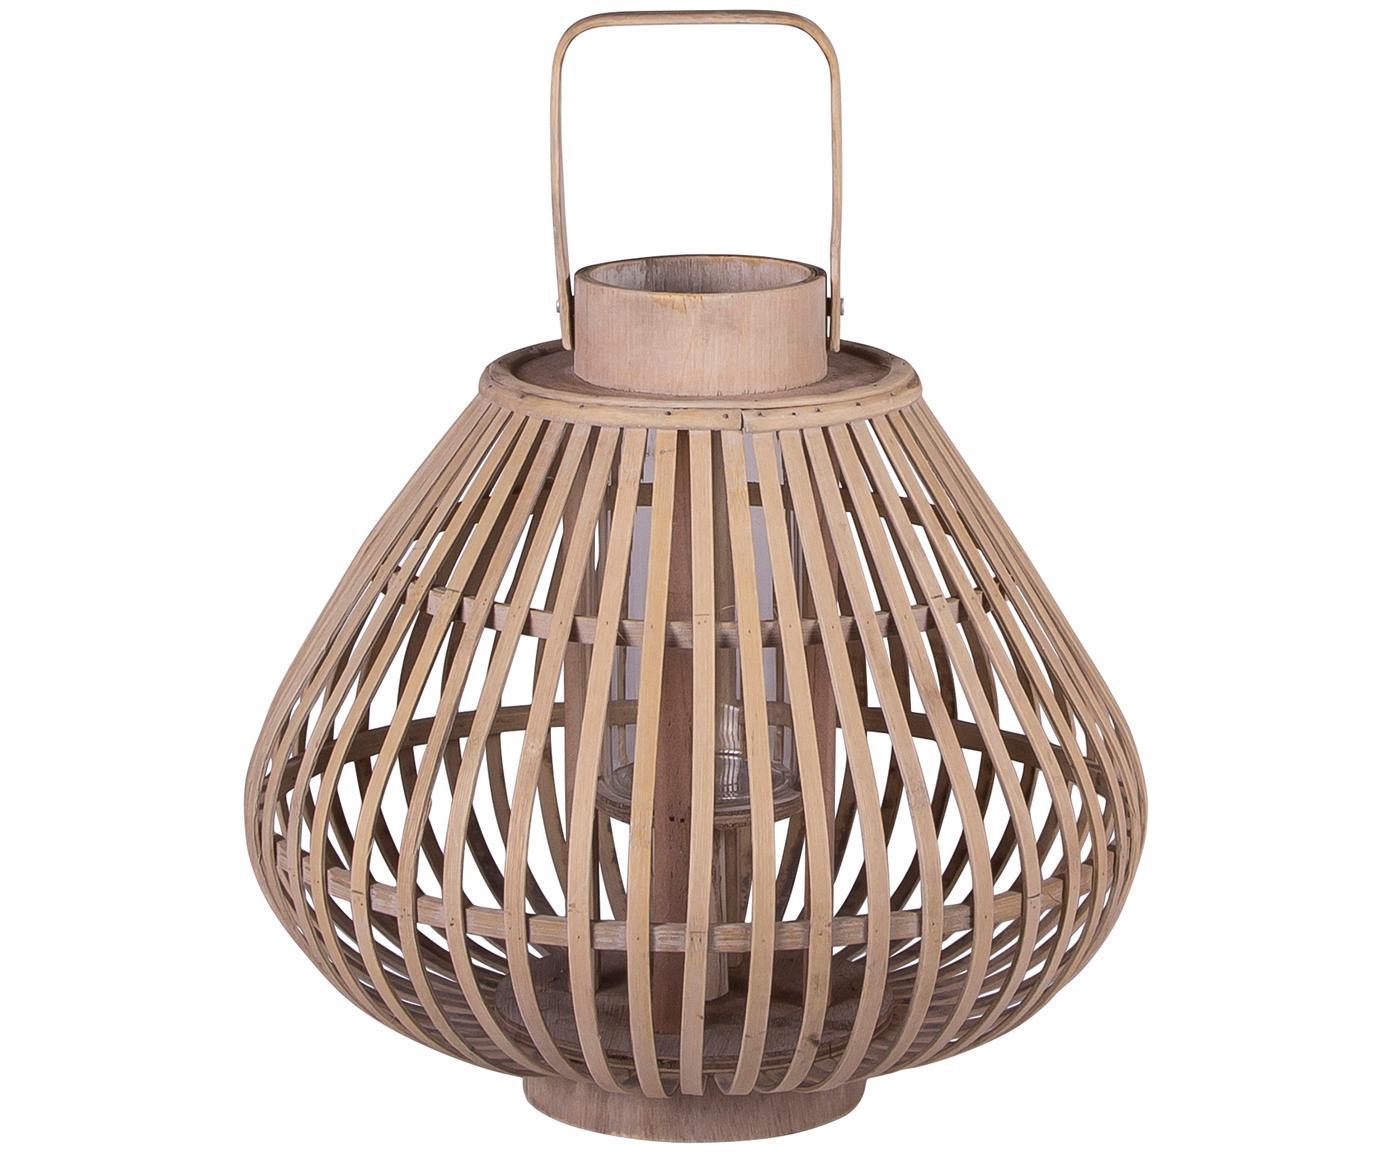 Windlicht Sahara, Bambus, Gehäuse: Bambus<br>Glaseinsatz: Transparent, Ø 32 x H 28 cm